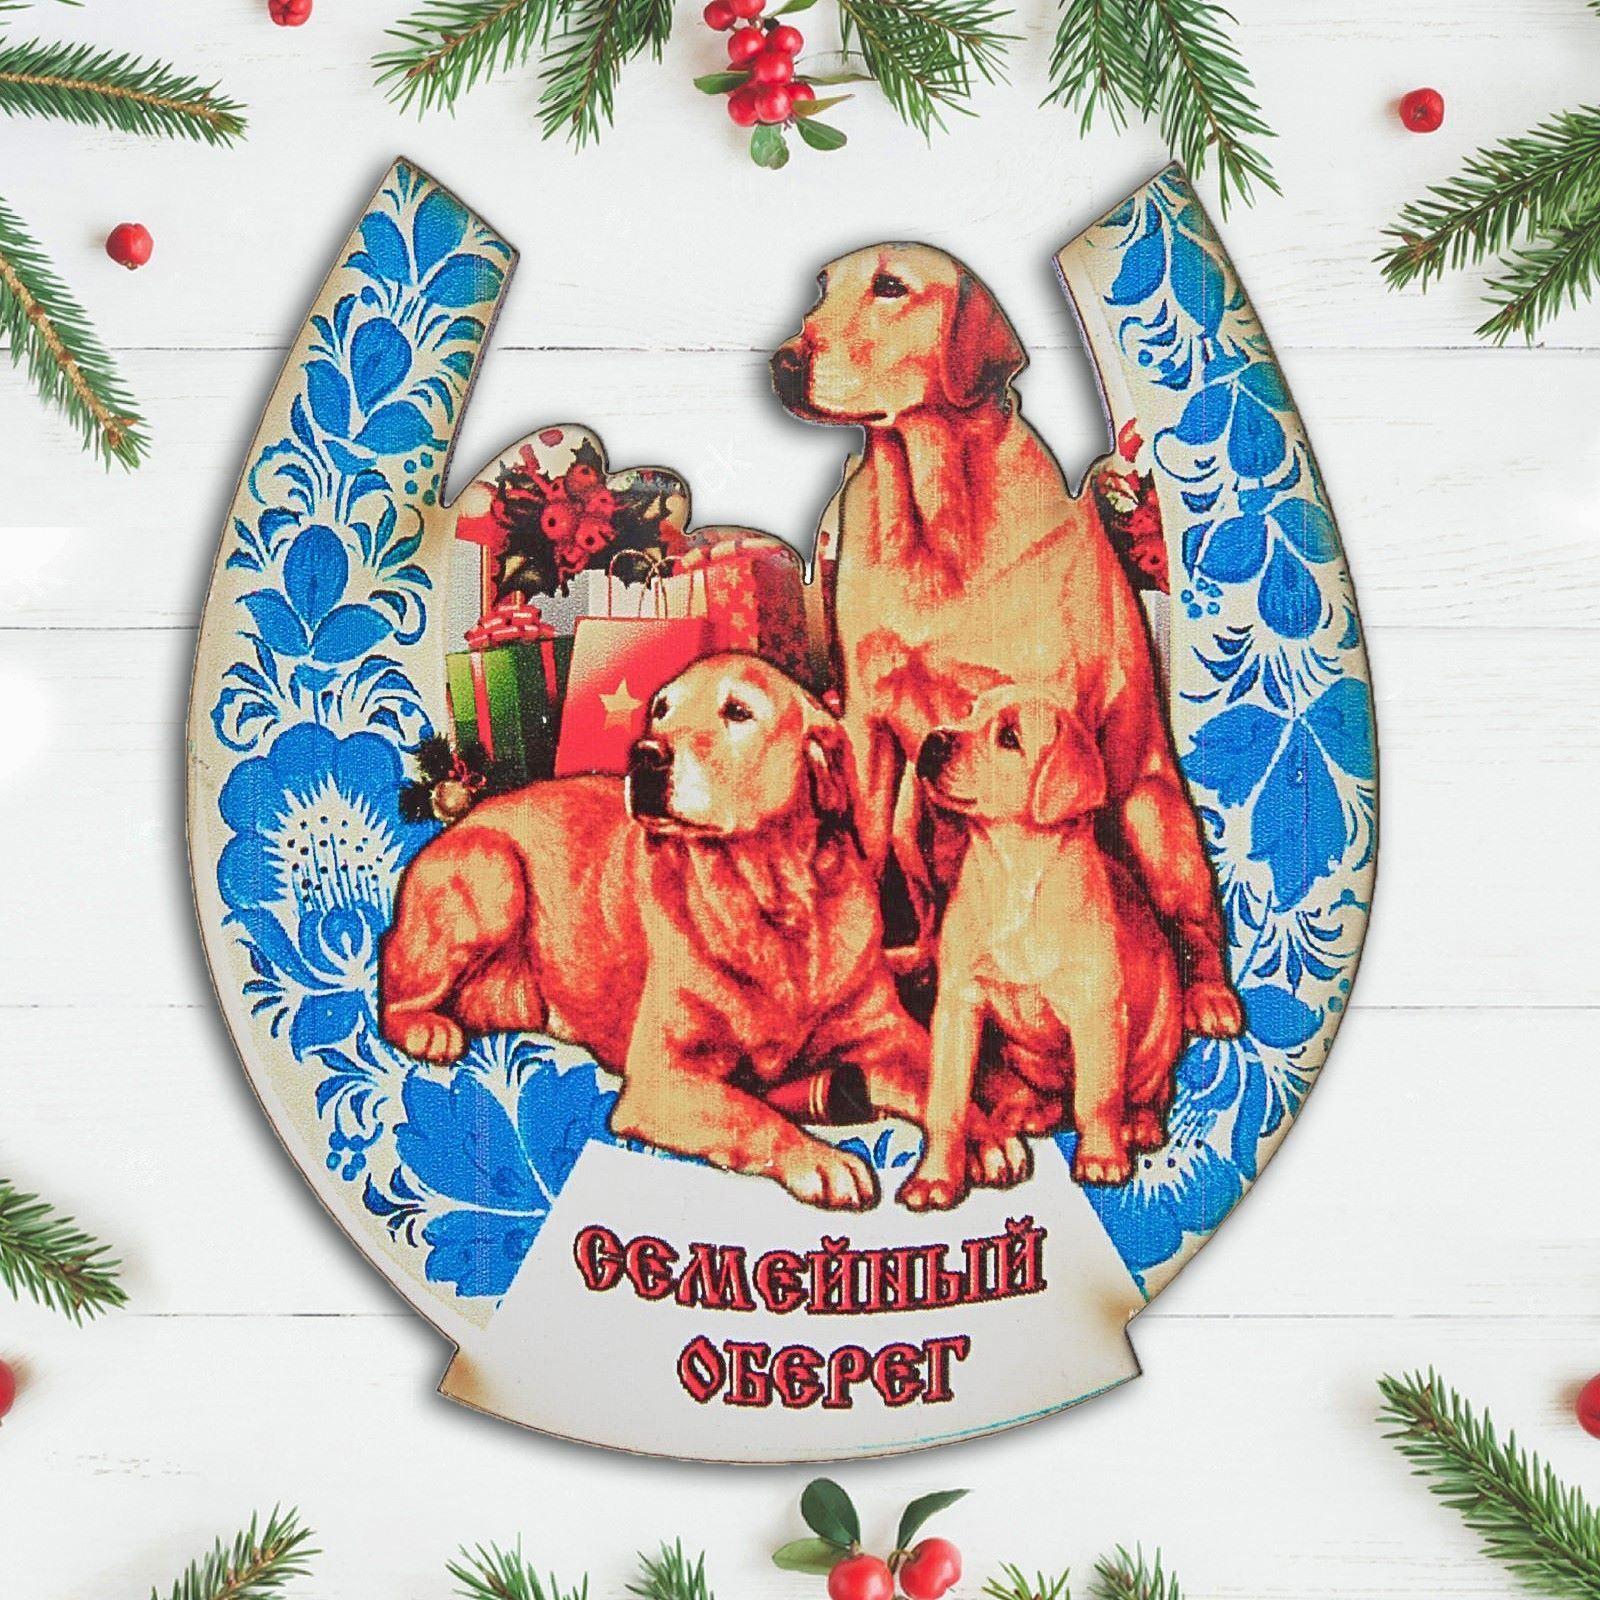 Магнит Sima-land Семейный оберег, 8 х 7 см2460289Порадуйте родных и близких оригинальным сувениром: преподнесите в подарок магнит Sima-land Семейный оберег. С ним даже самый серьезный человек почувствует себя ребенком, ожидающим чудо!Создайте праздничное настроение, и оно останется с вами на весь год.Размер: 8 х 7 см.